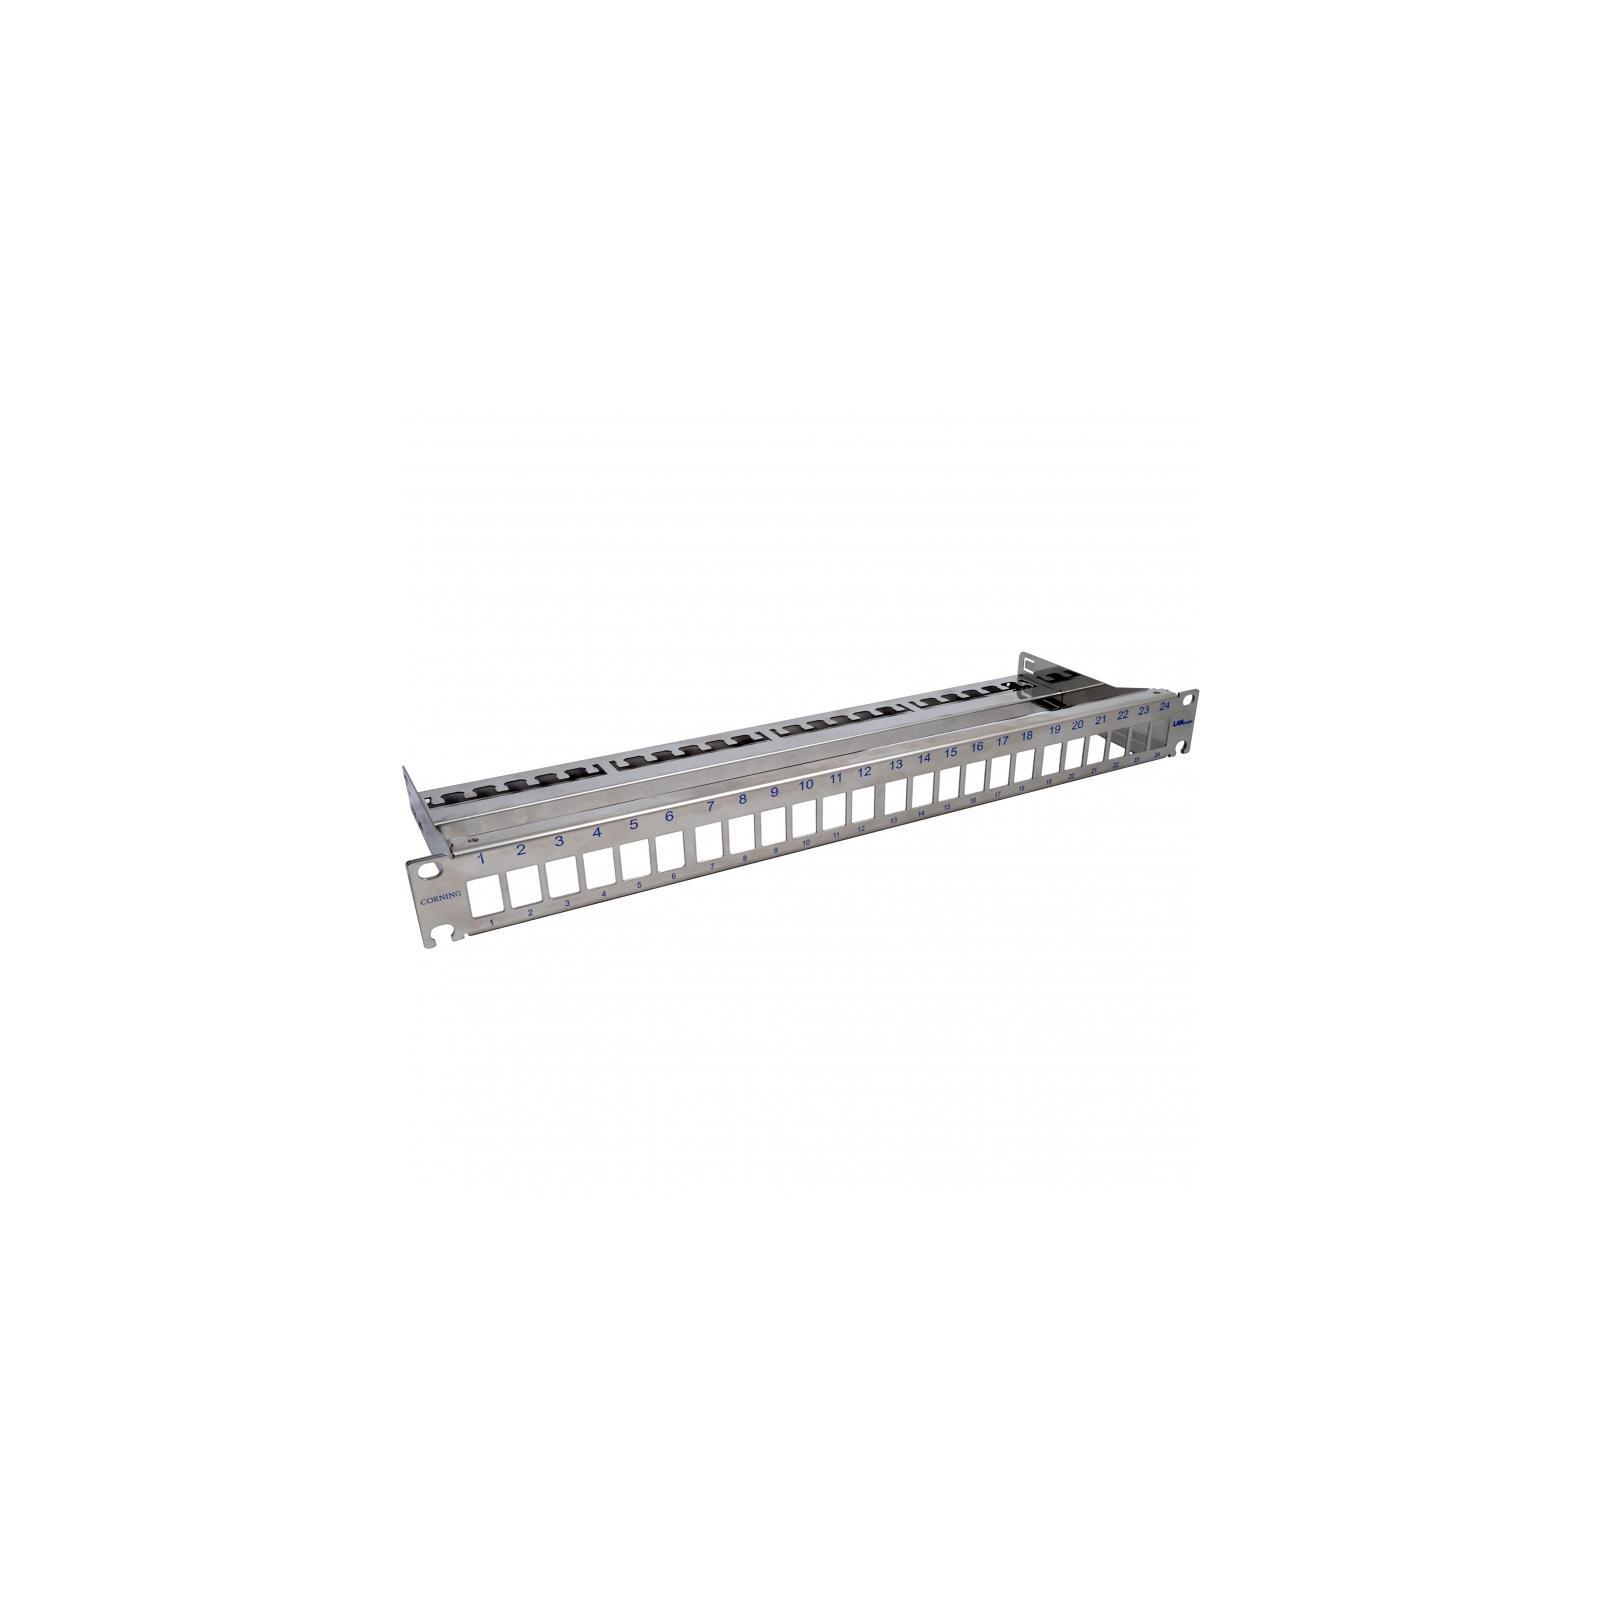 """Патч-панель Corning 19"""" 1U для 24 модуля Kyestone, с организатором кабеля (CAXXSV-02400-C001)"""